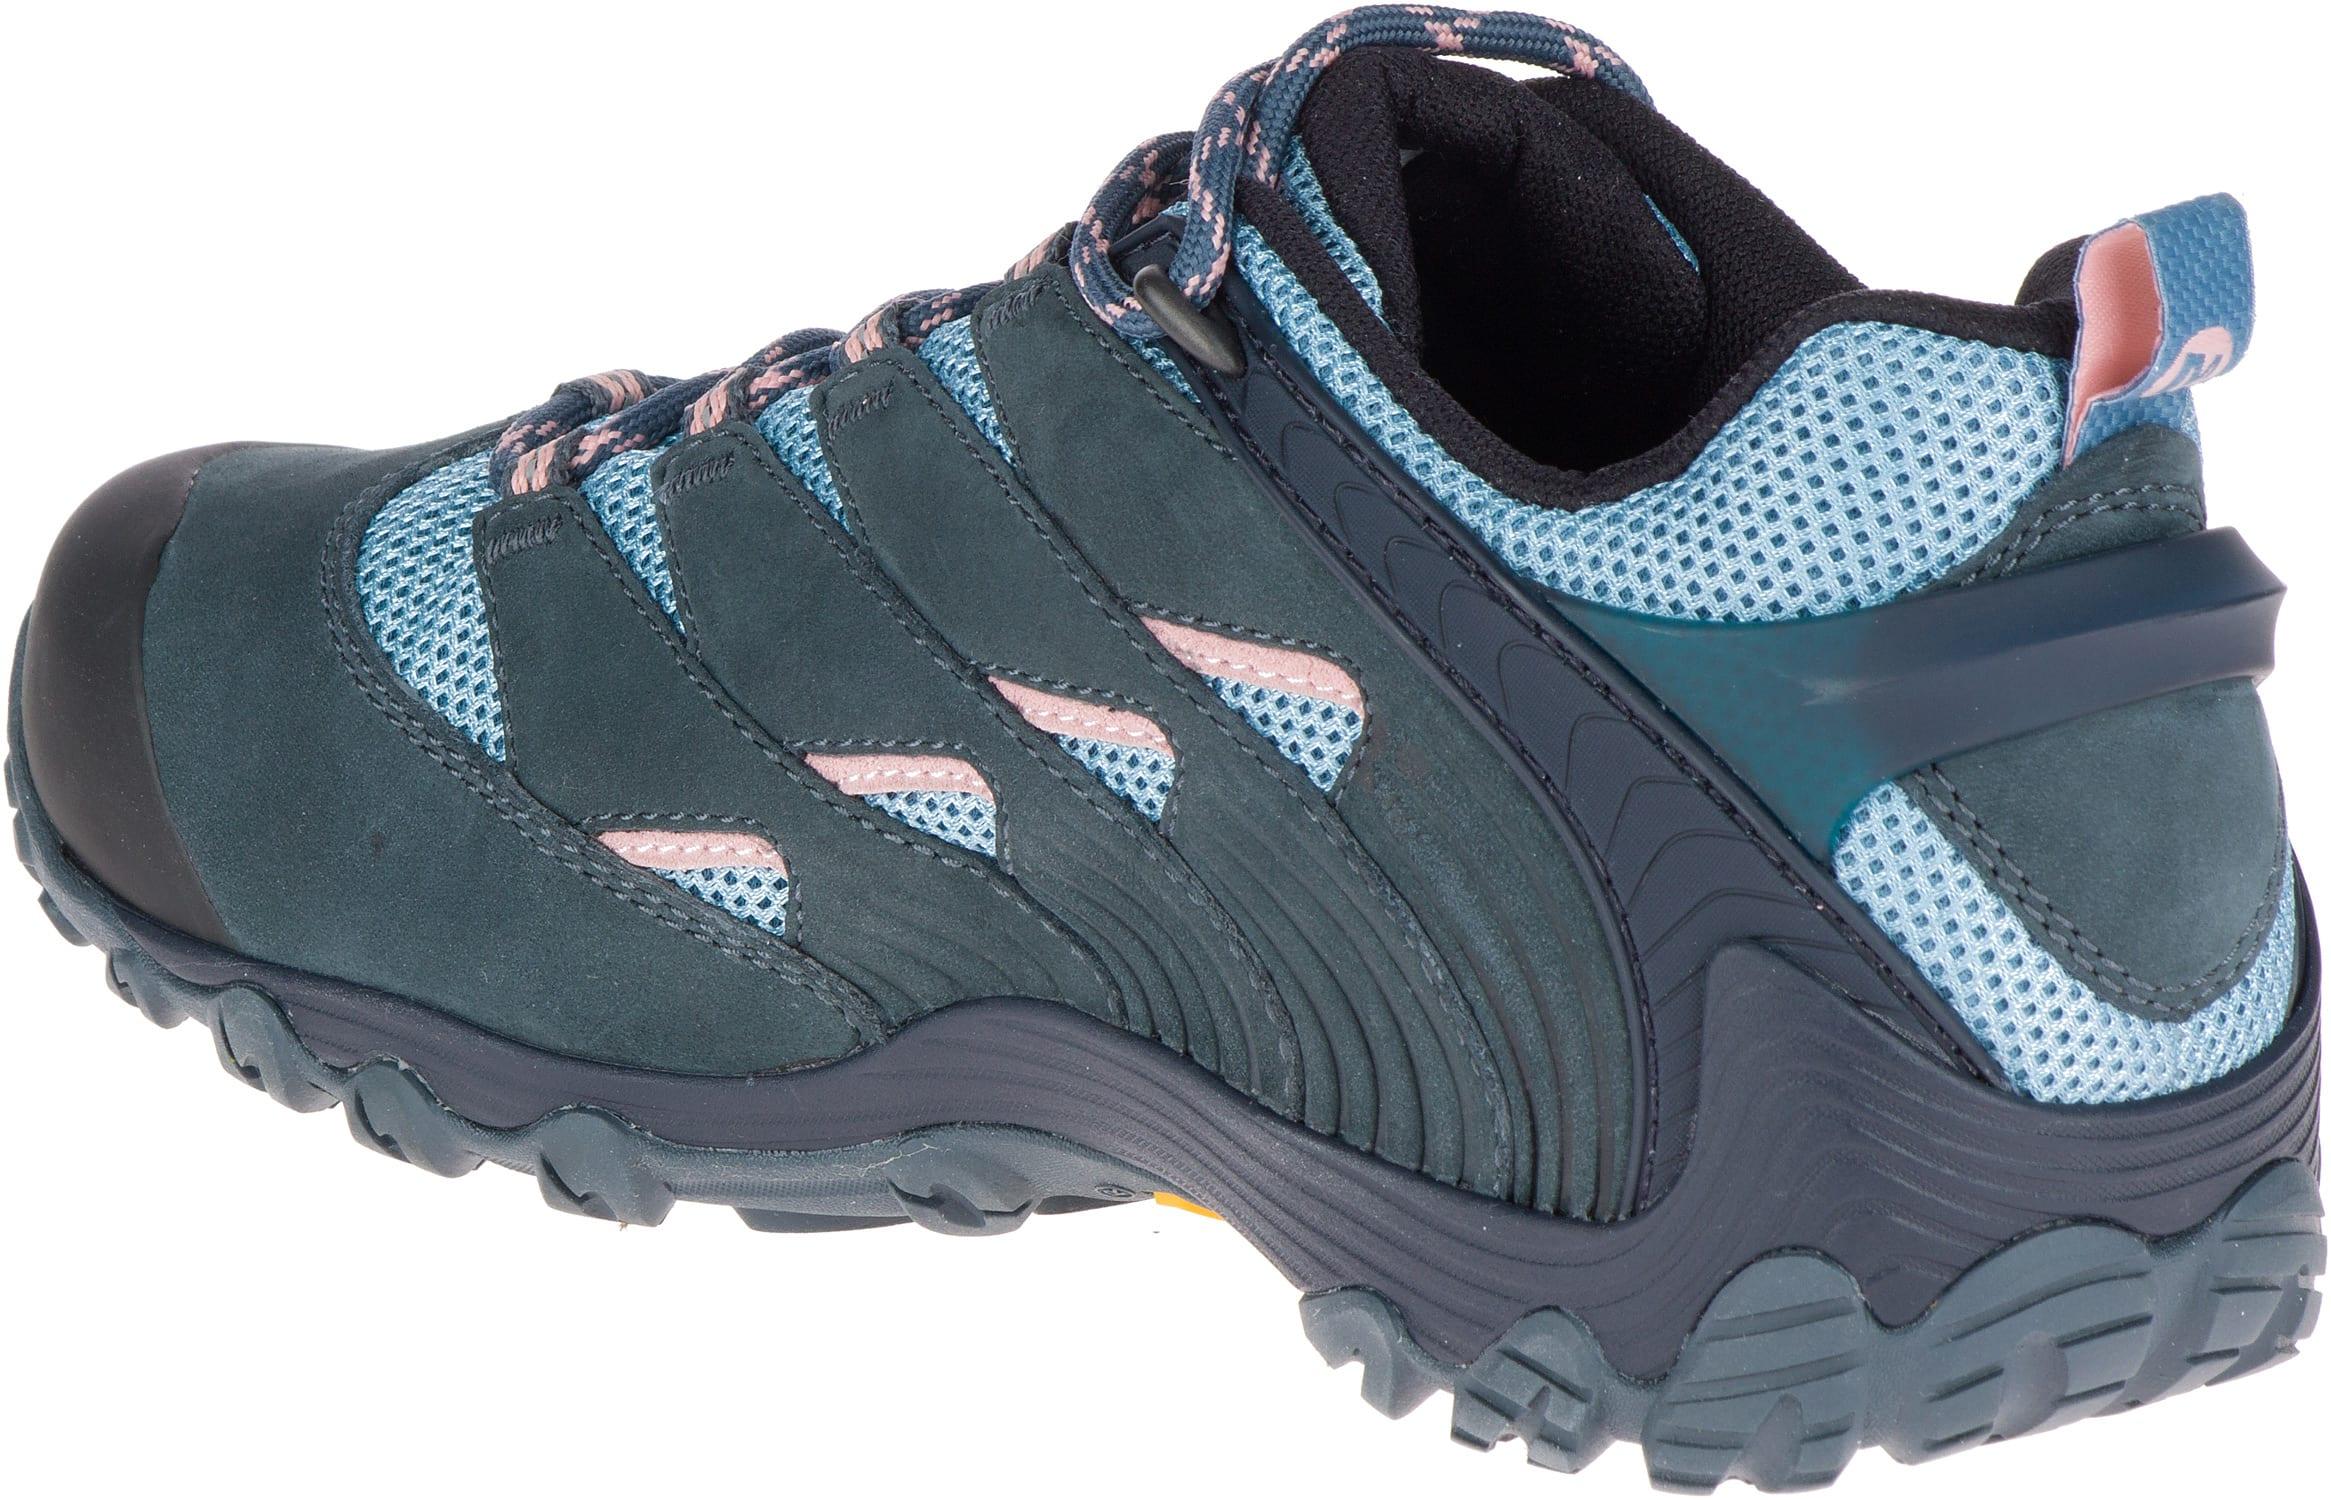 Merrell Chameleon 7 Hiking Shoes - Womens